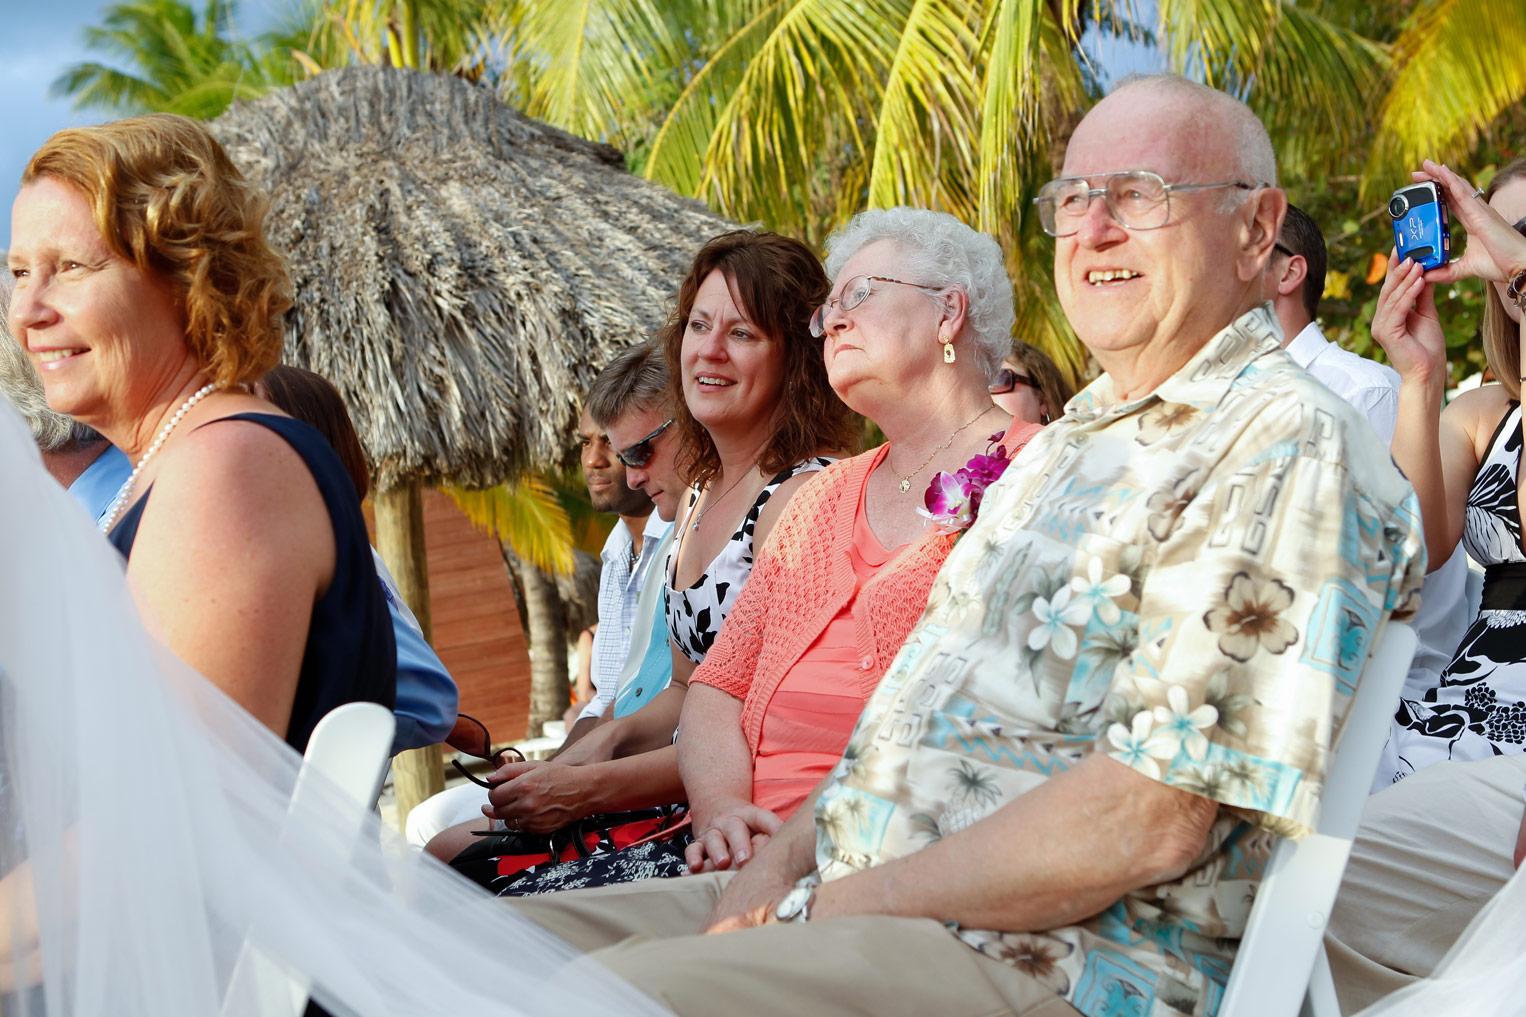 jamaica-milwaukee-destination-wedding-ruthie-hauge-photography-36.jpg